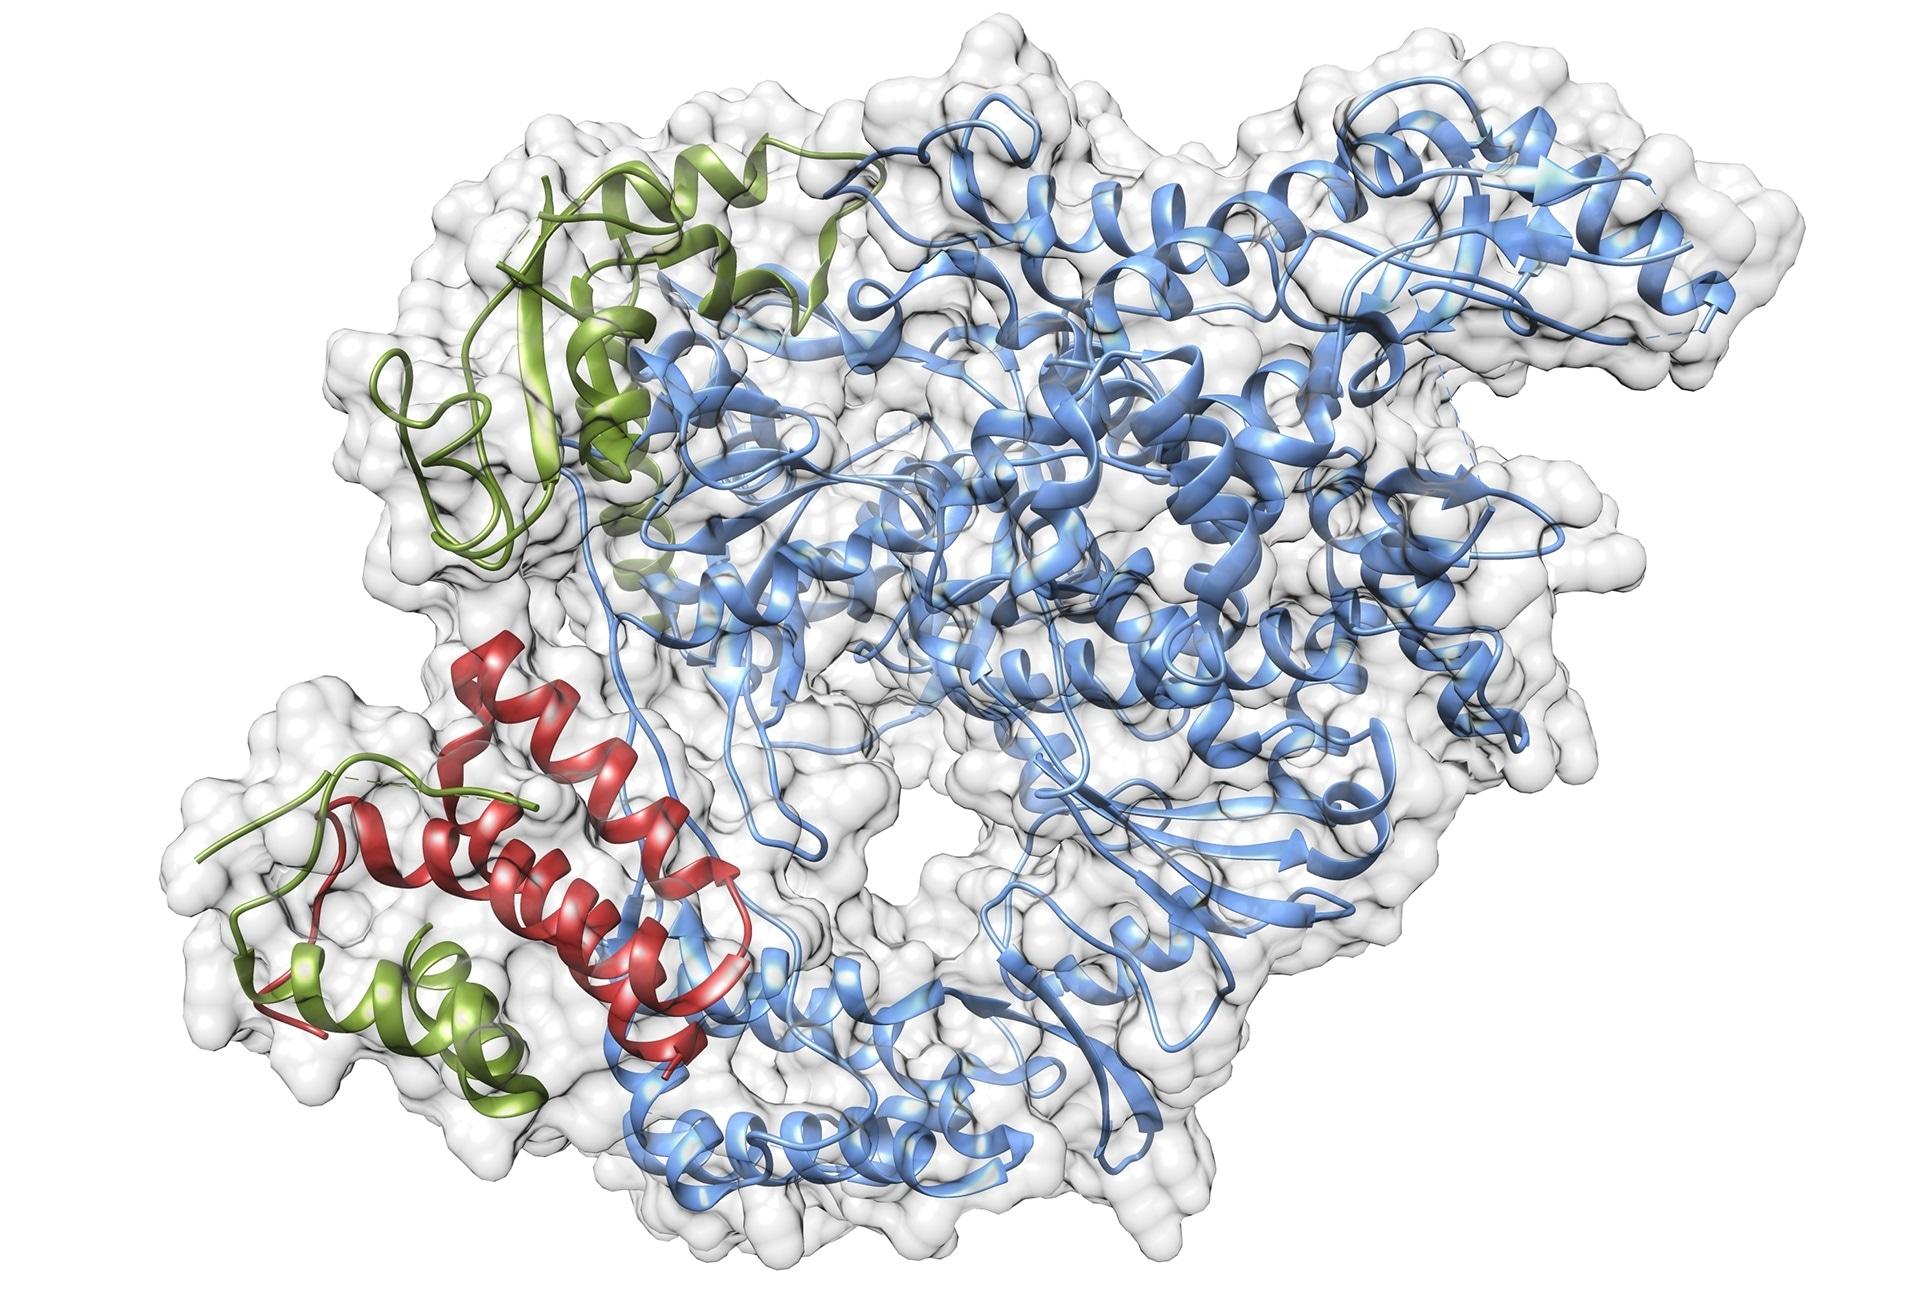 Les scientifiques visent à comprendre la biologie du virus SARS-CoV-2 pour activer le développement de médicament